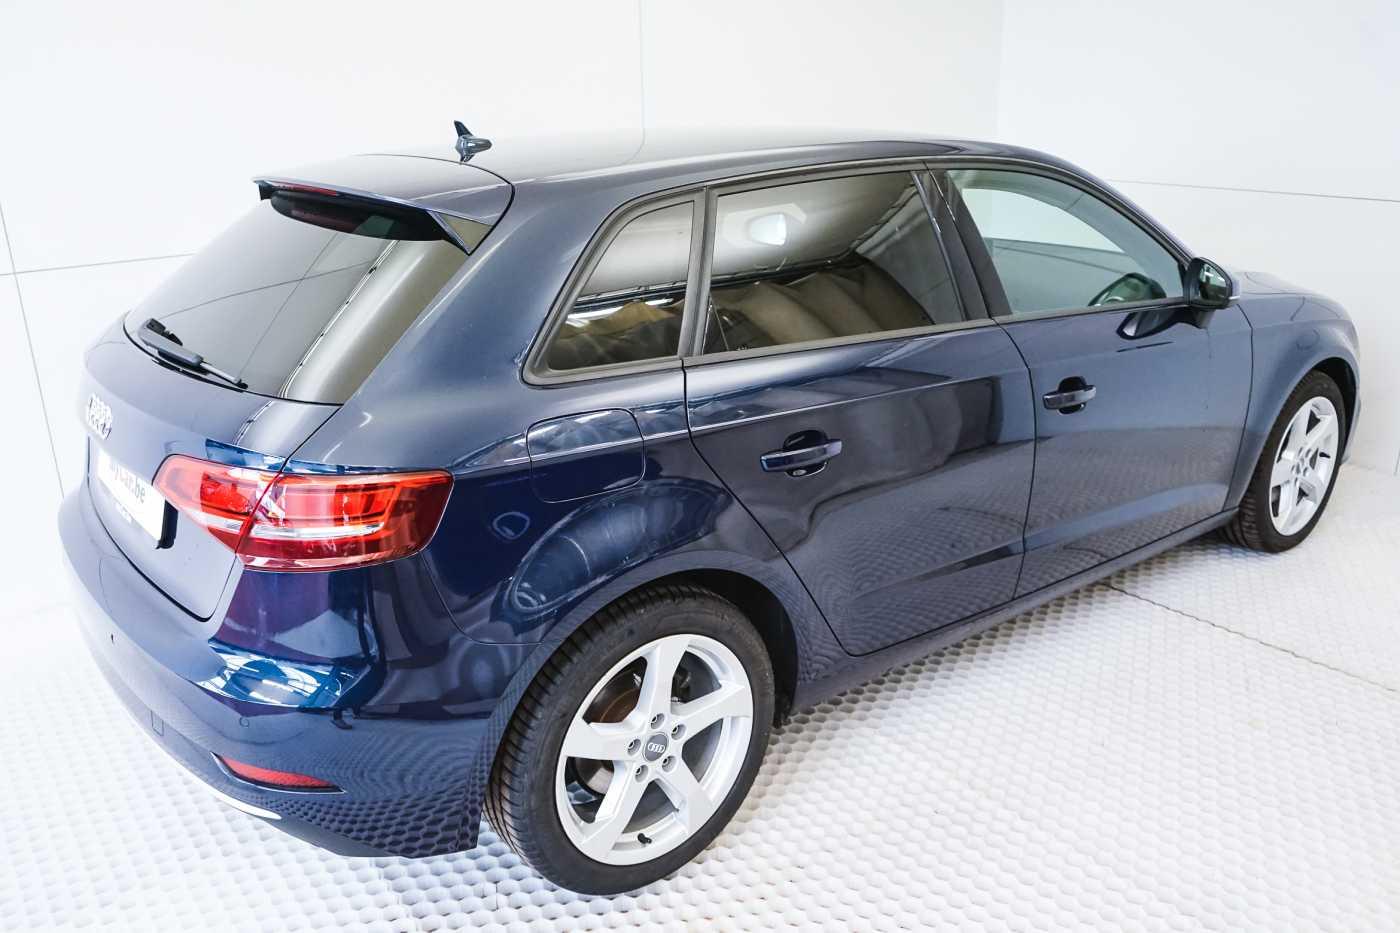 Audi A3 1.6 TDi Sport // dualzone airco, navi, zetelverwarming 6/33